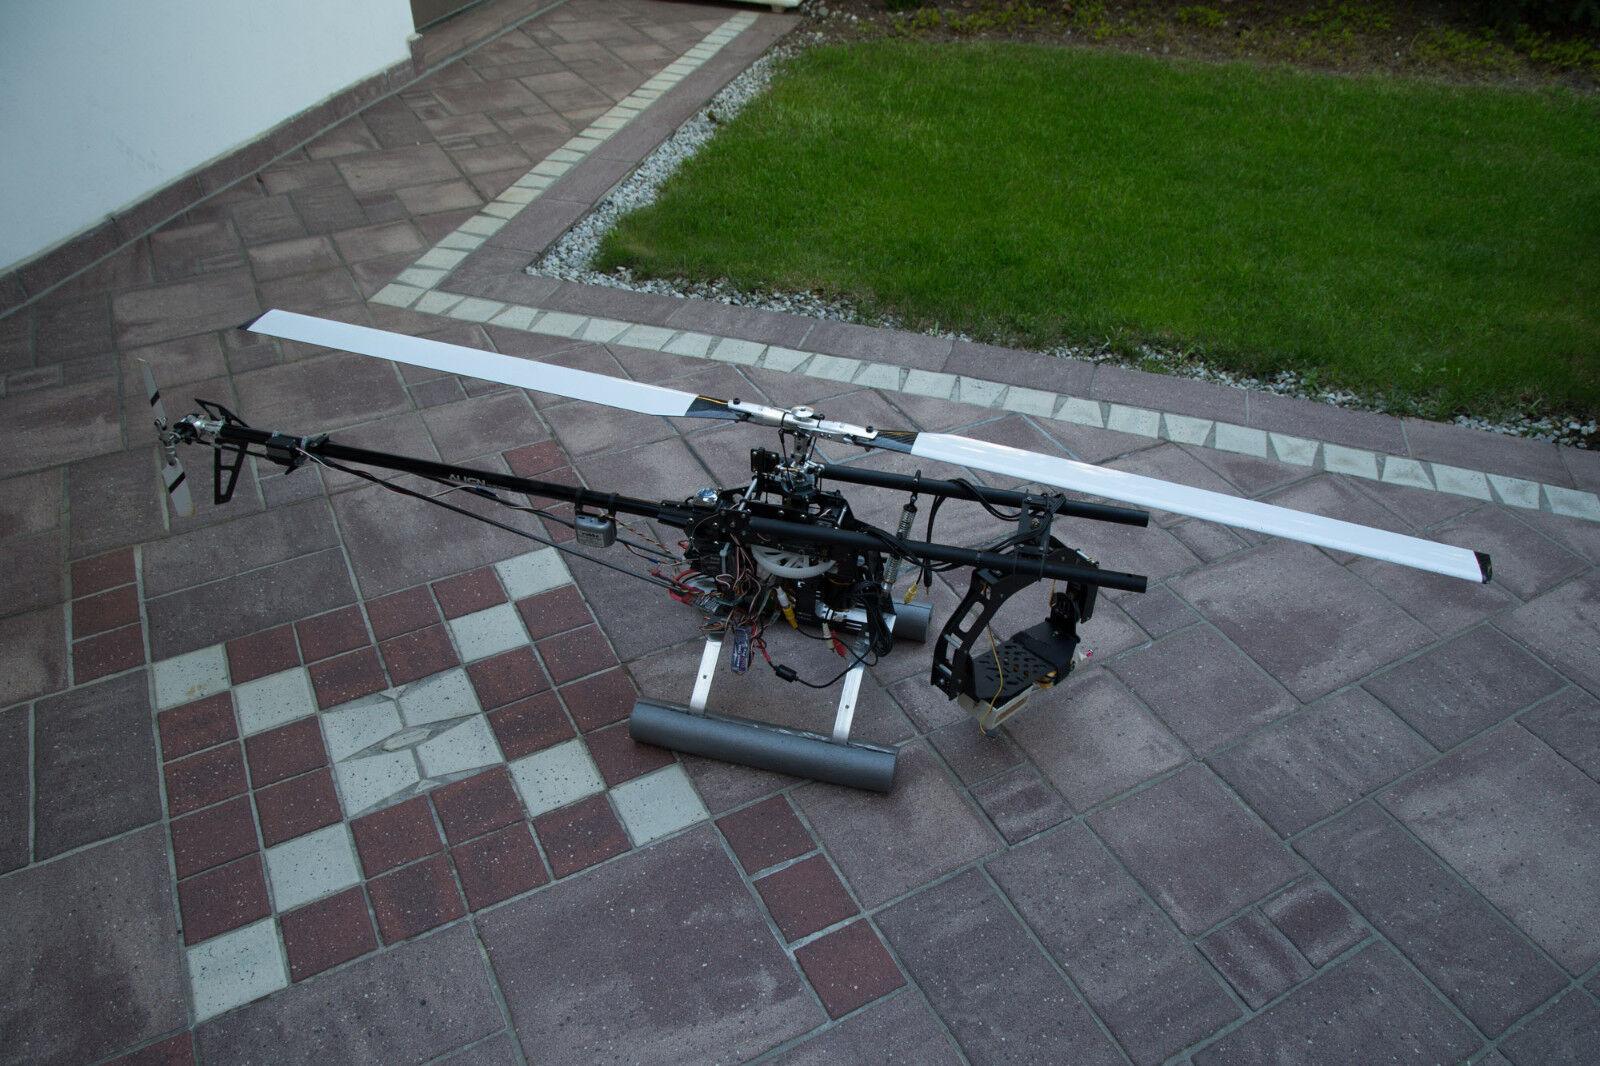 Align Trex 700 RC Heli, A123 Akkus, viel Zubehör und Fotomount